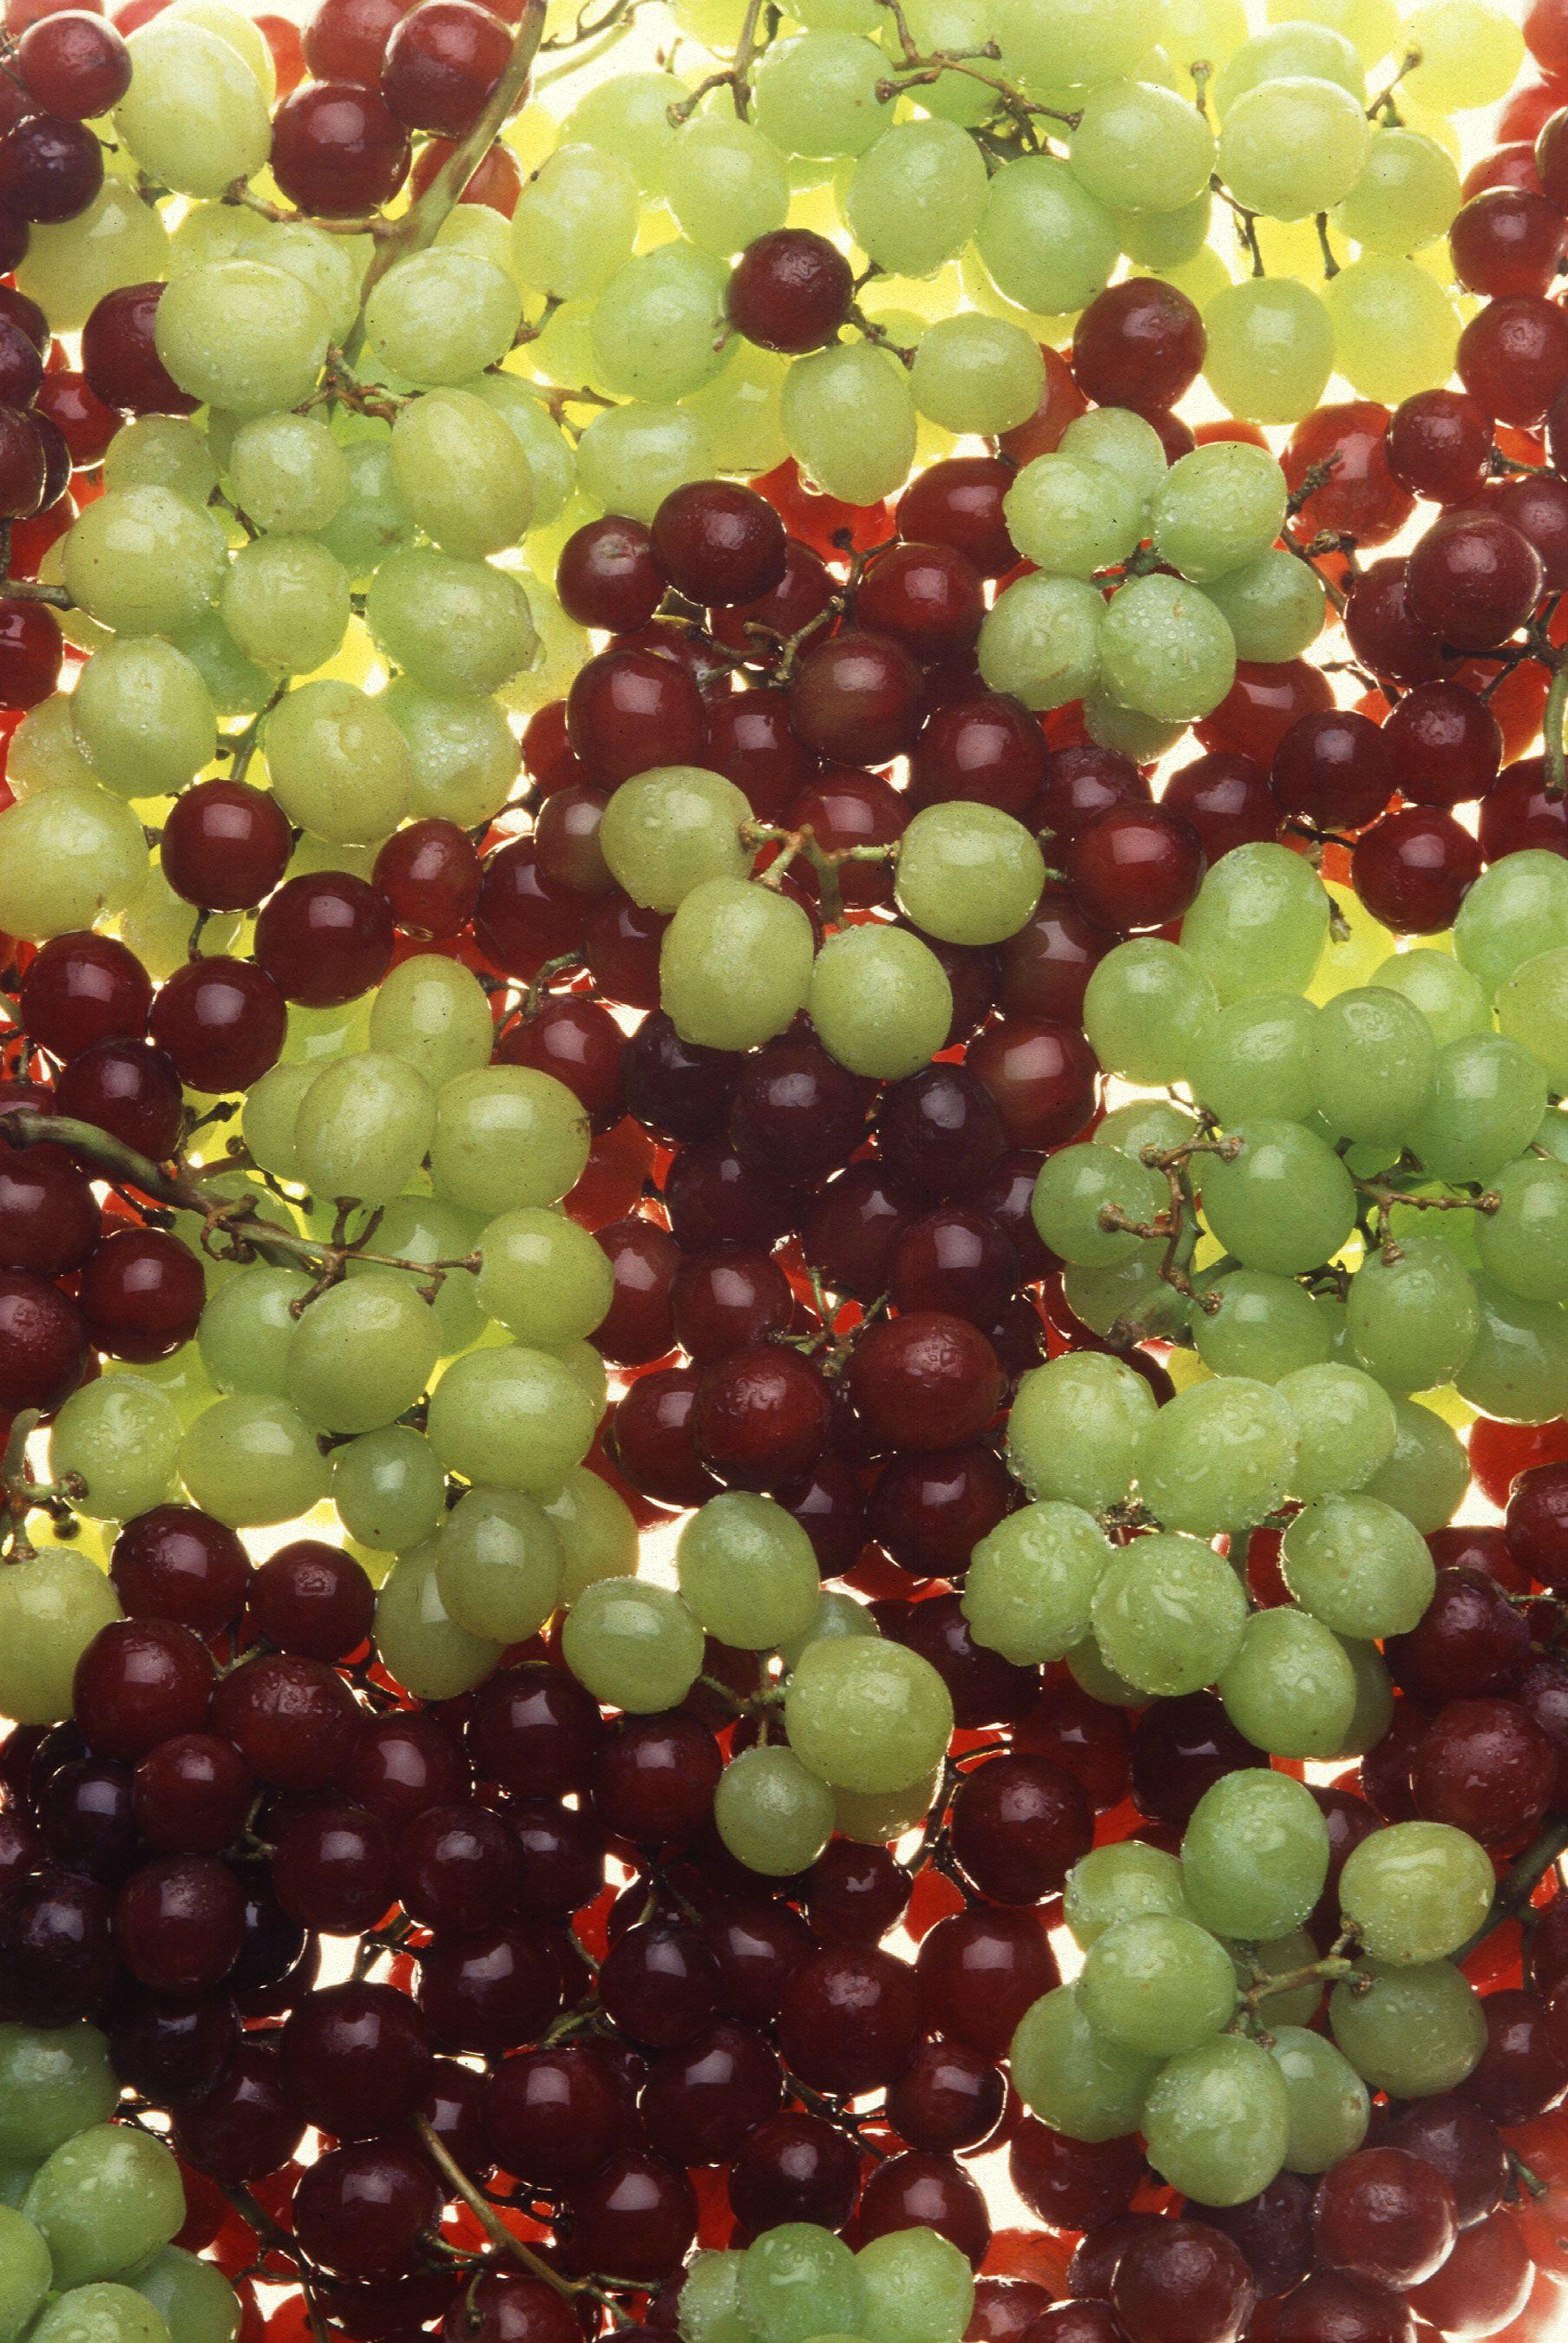 تفسير حلم العنب الأخضر لابن سيرين بالتفصيل حسب الحالة الاجتماعية Green Grapes Nutrition Fruit Grape Diet